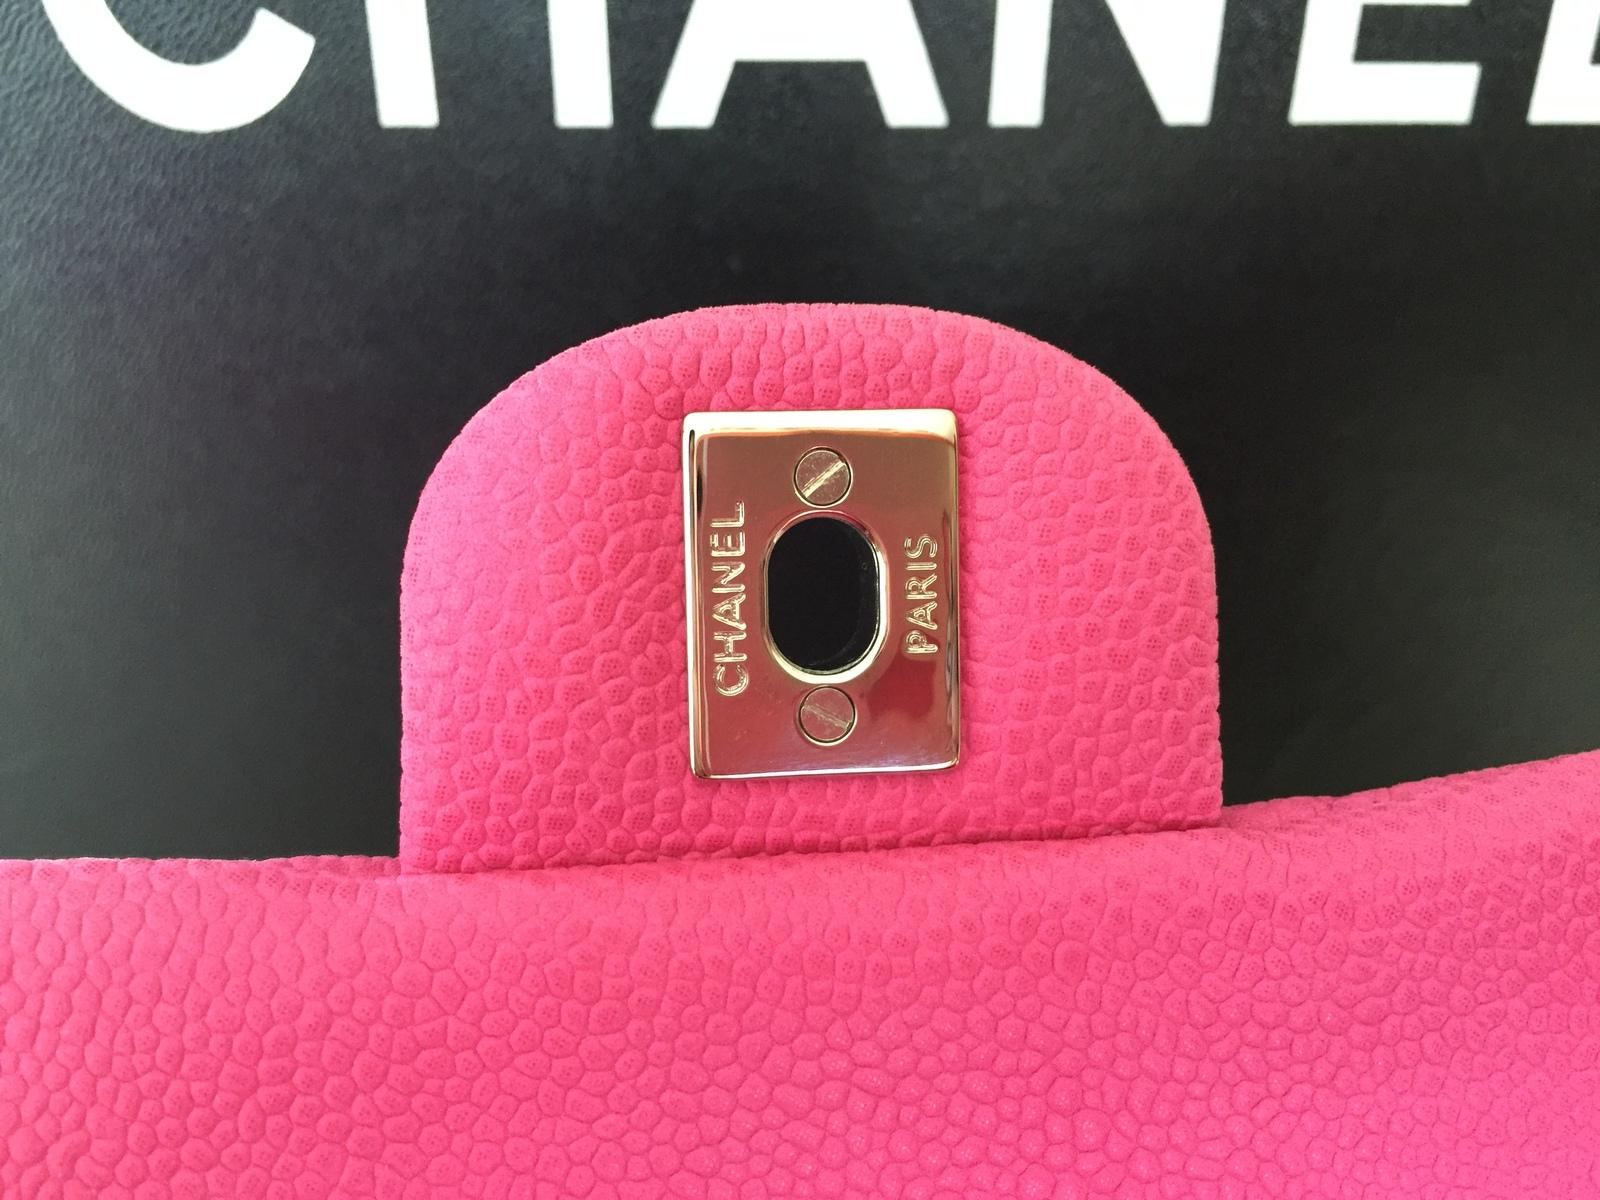 CHANEL FUSCHIA PINK CAVIAR CLUTCH ON CHAIN W/ SILVER HW